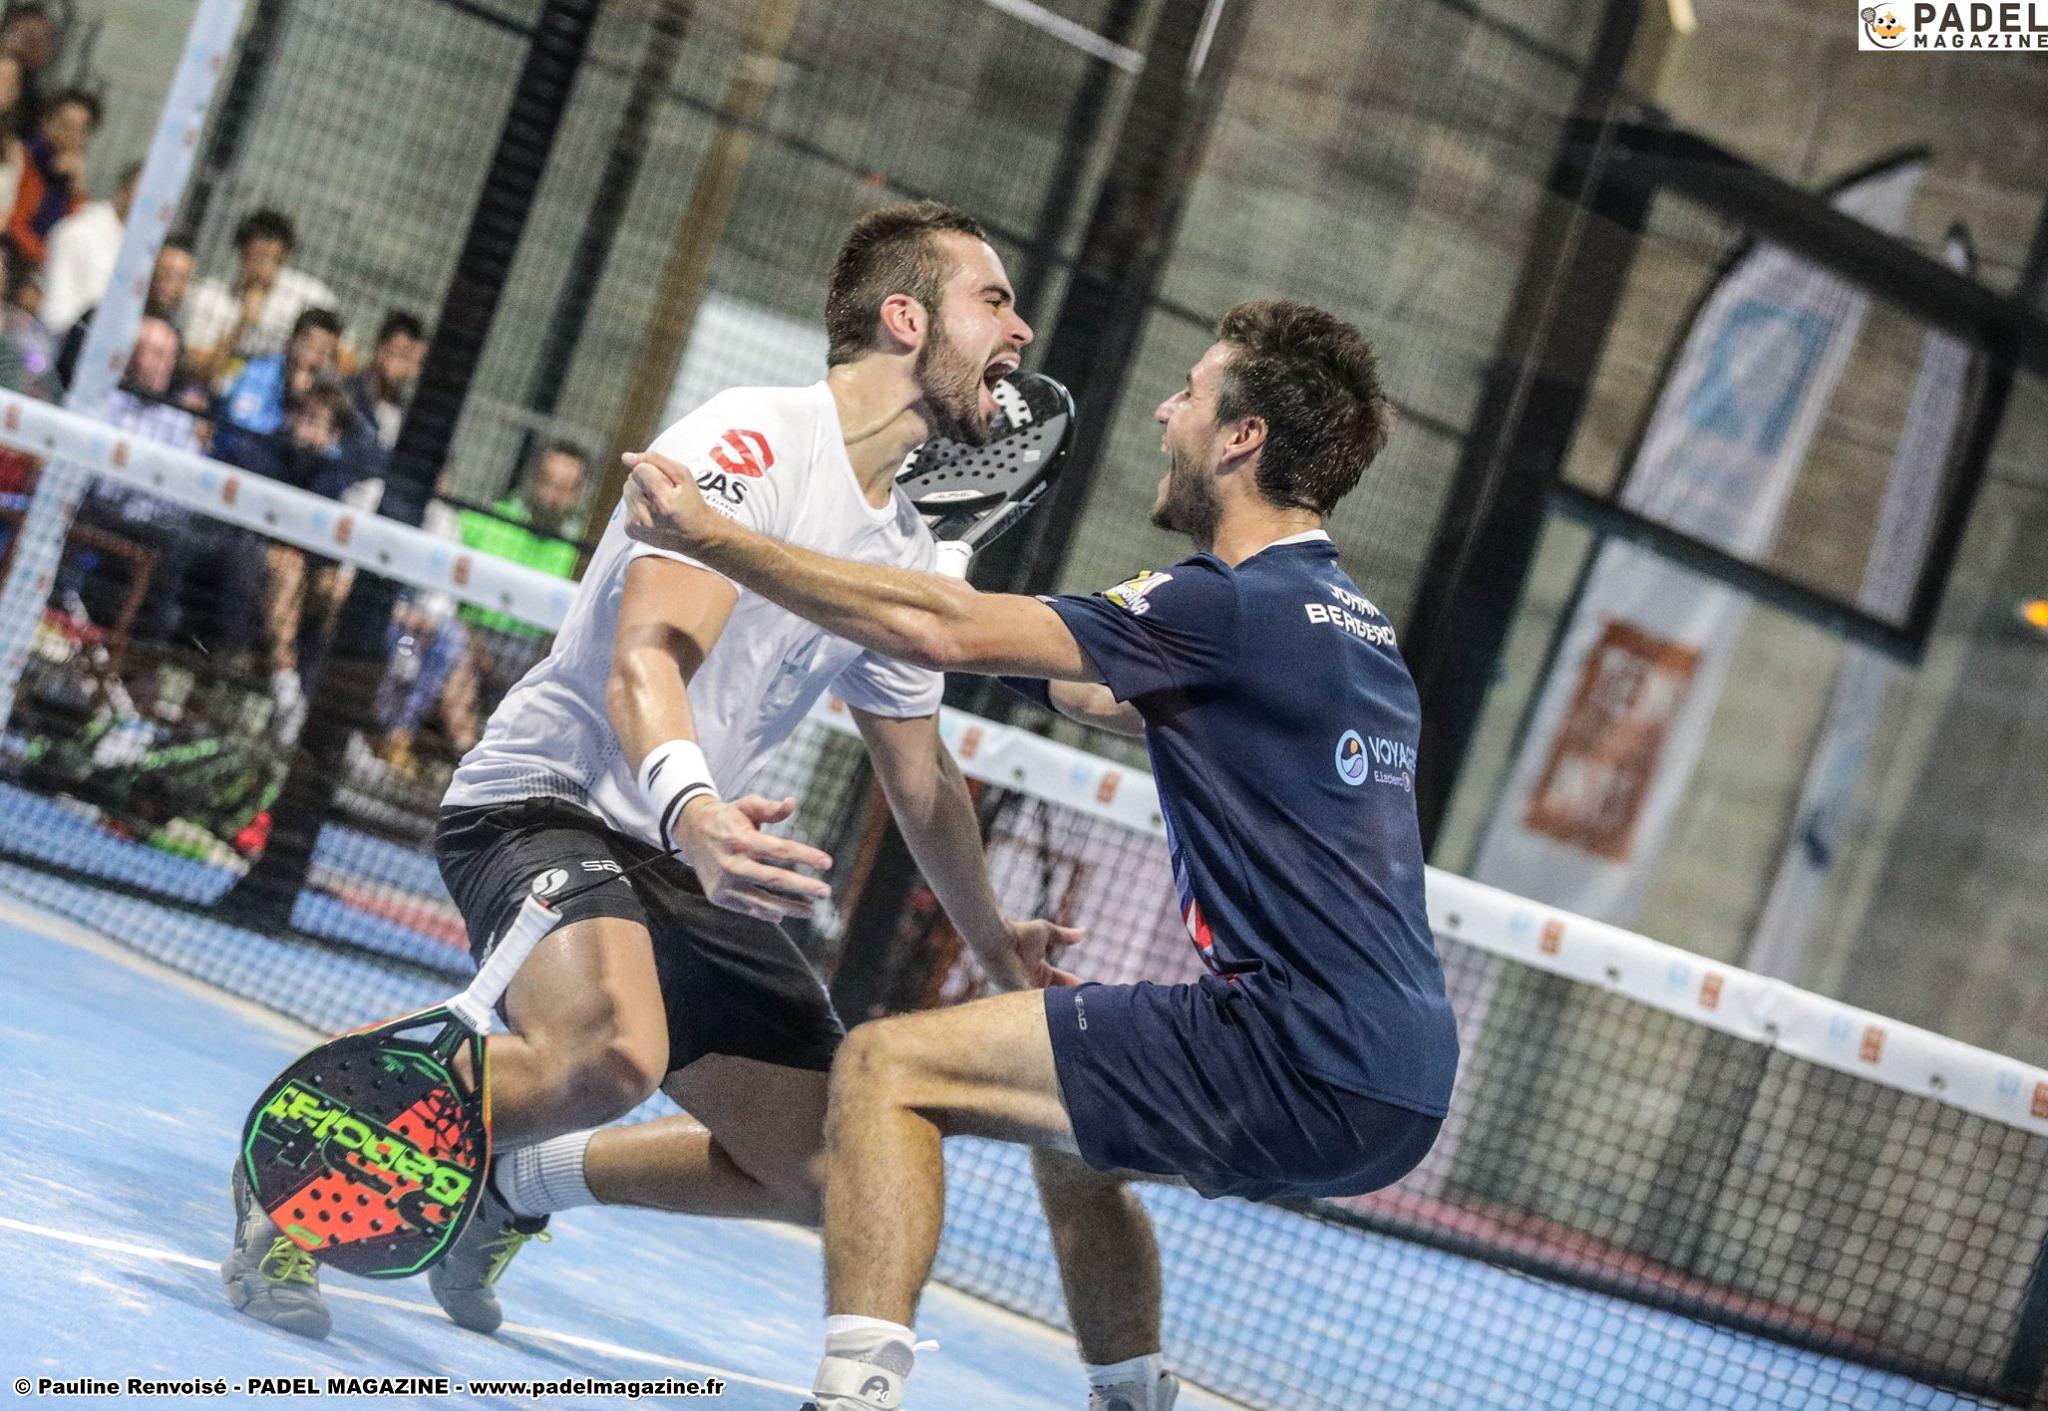 Campionato francese 2019: Blanqué / Bergeron per la storia!